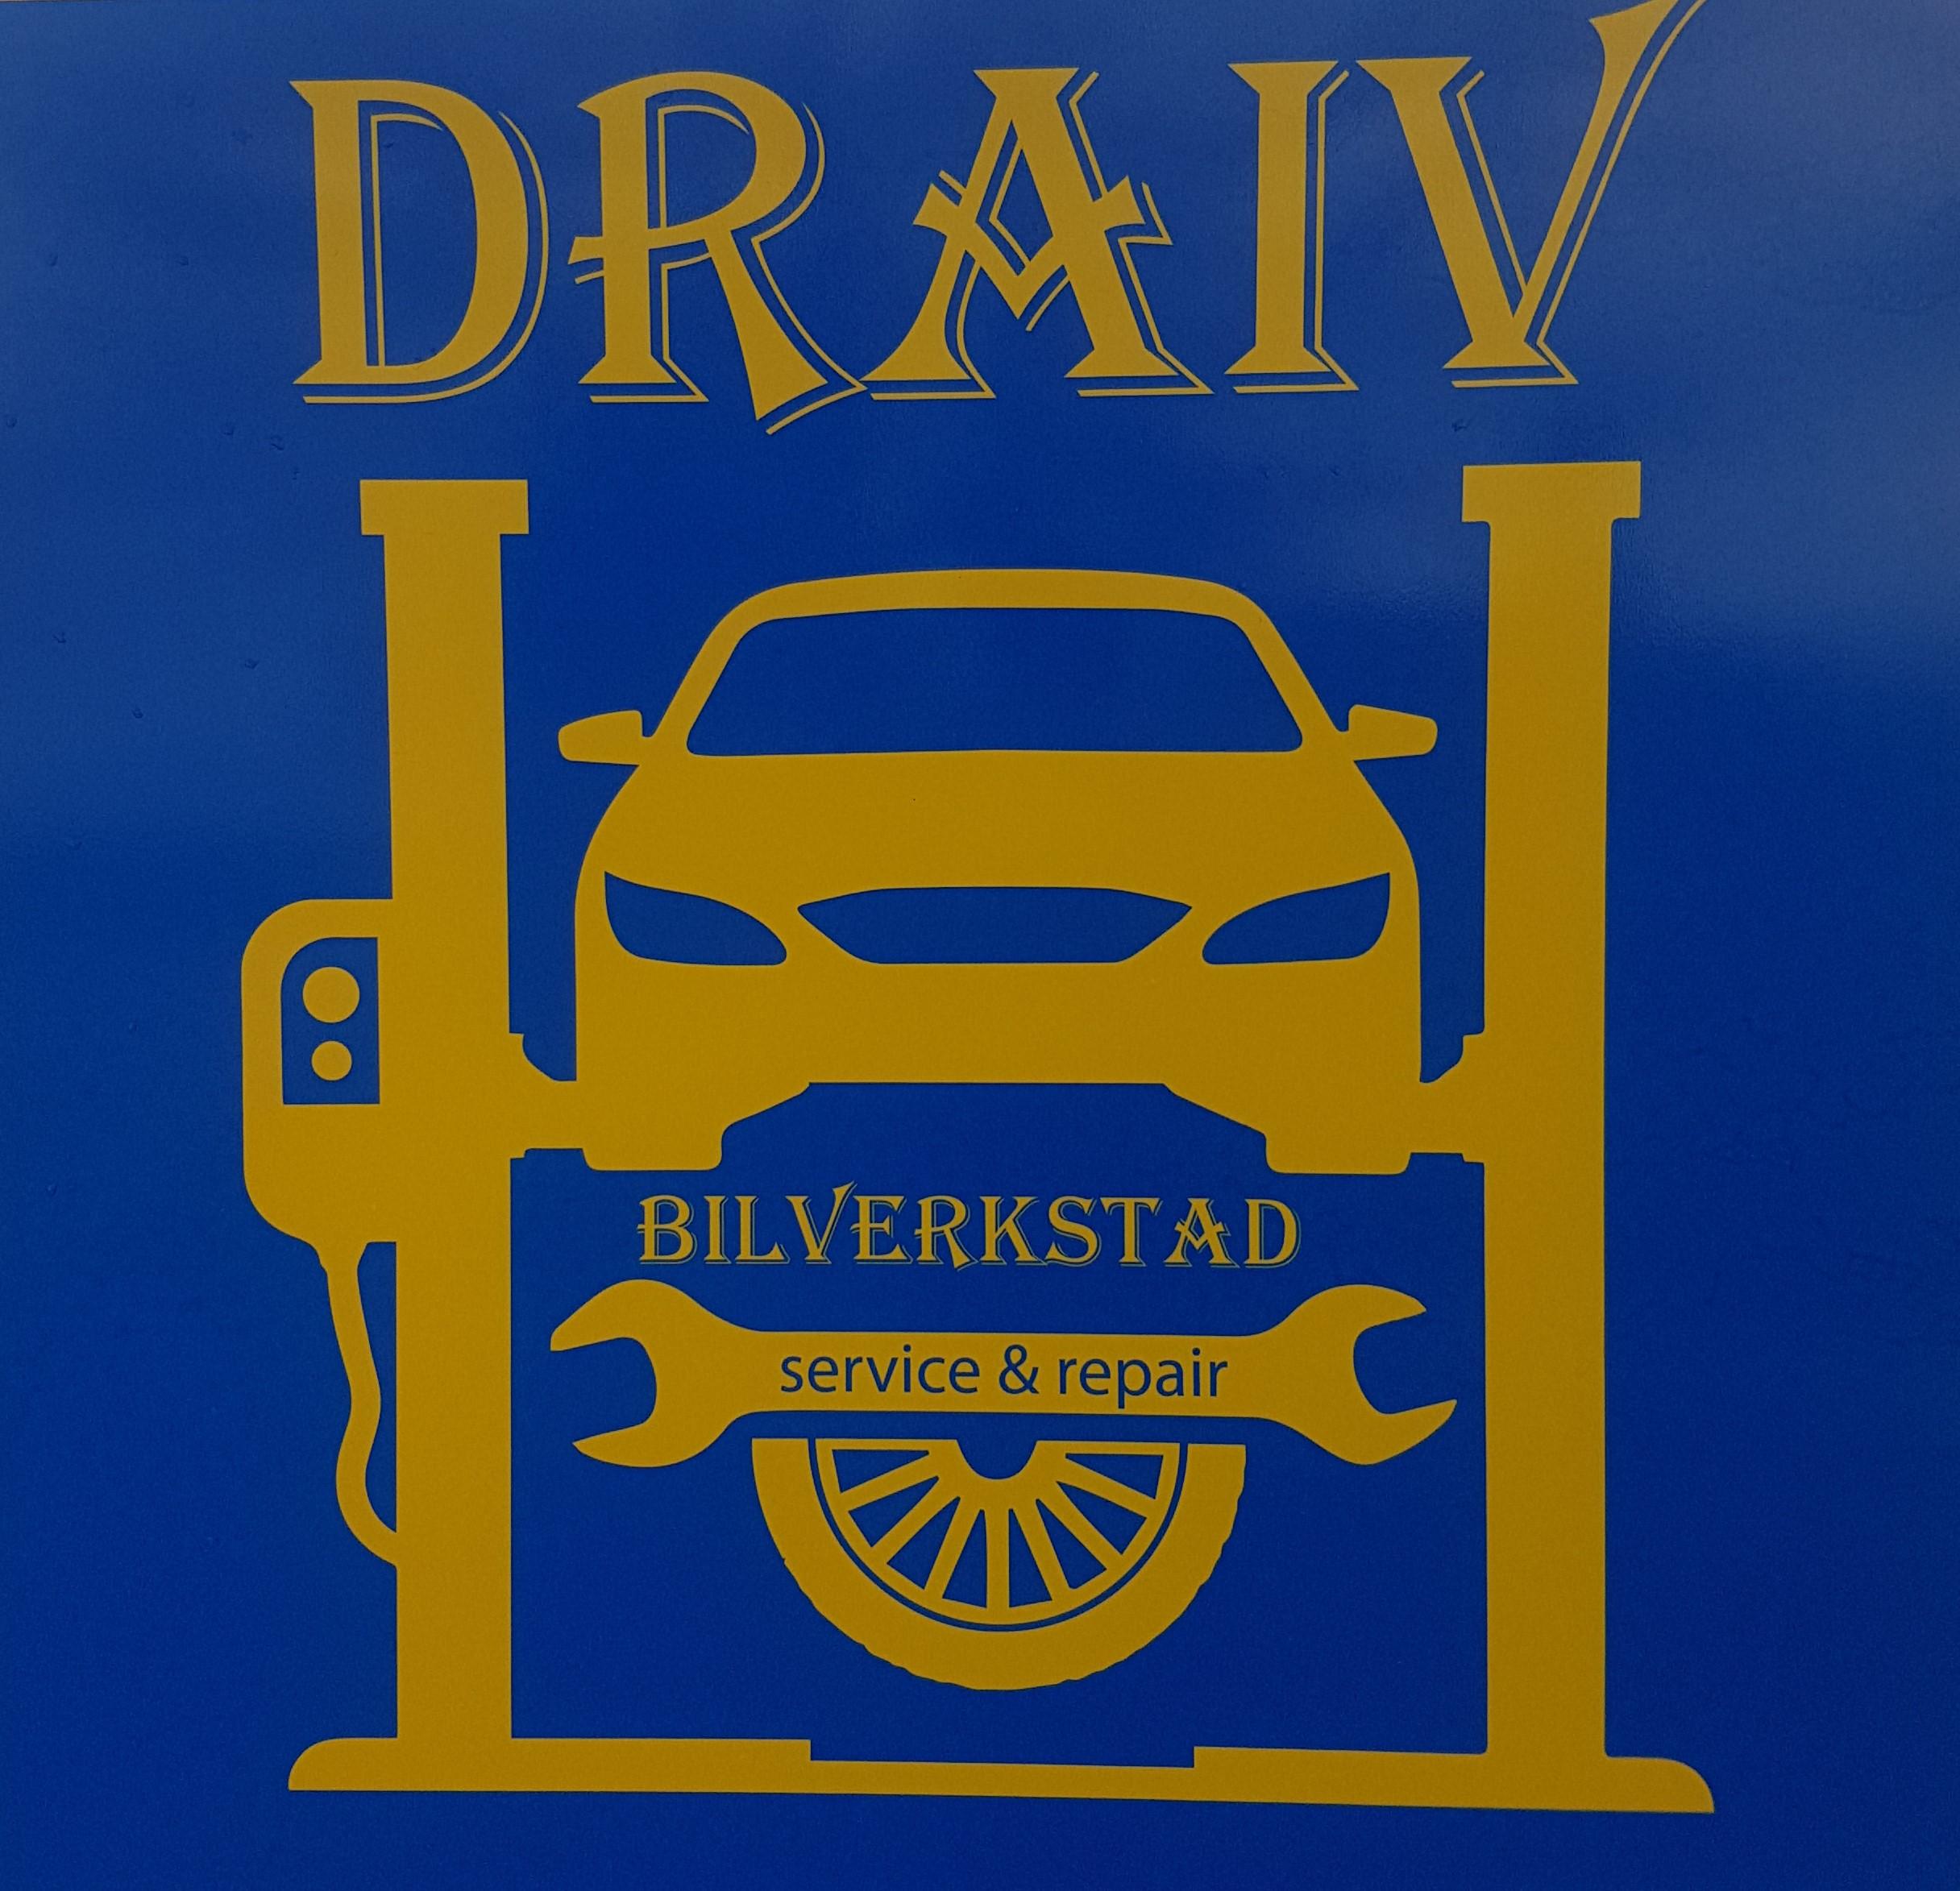 DRAIV Bilverkstad AB logo